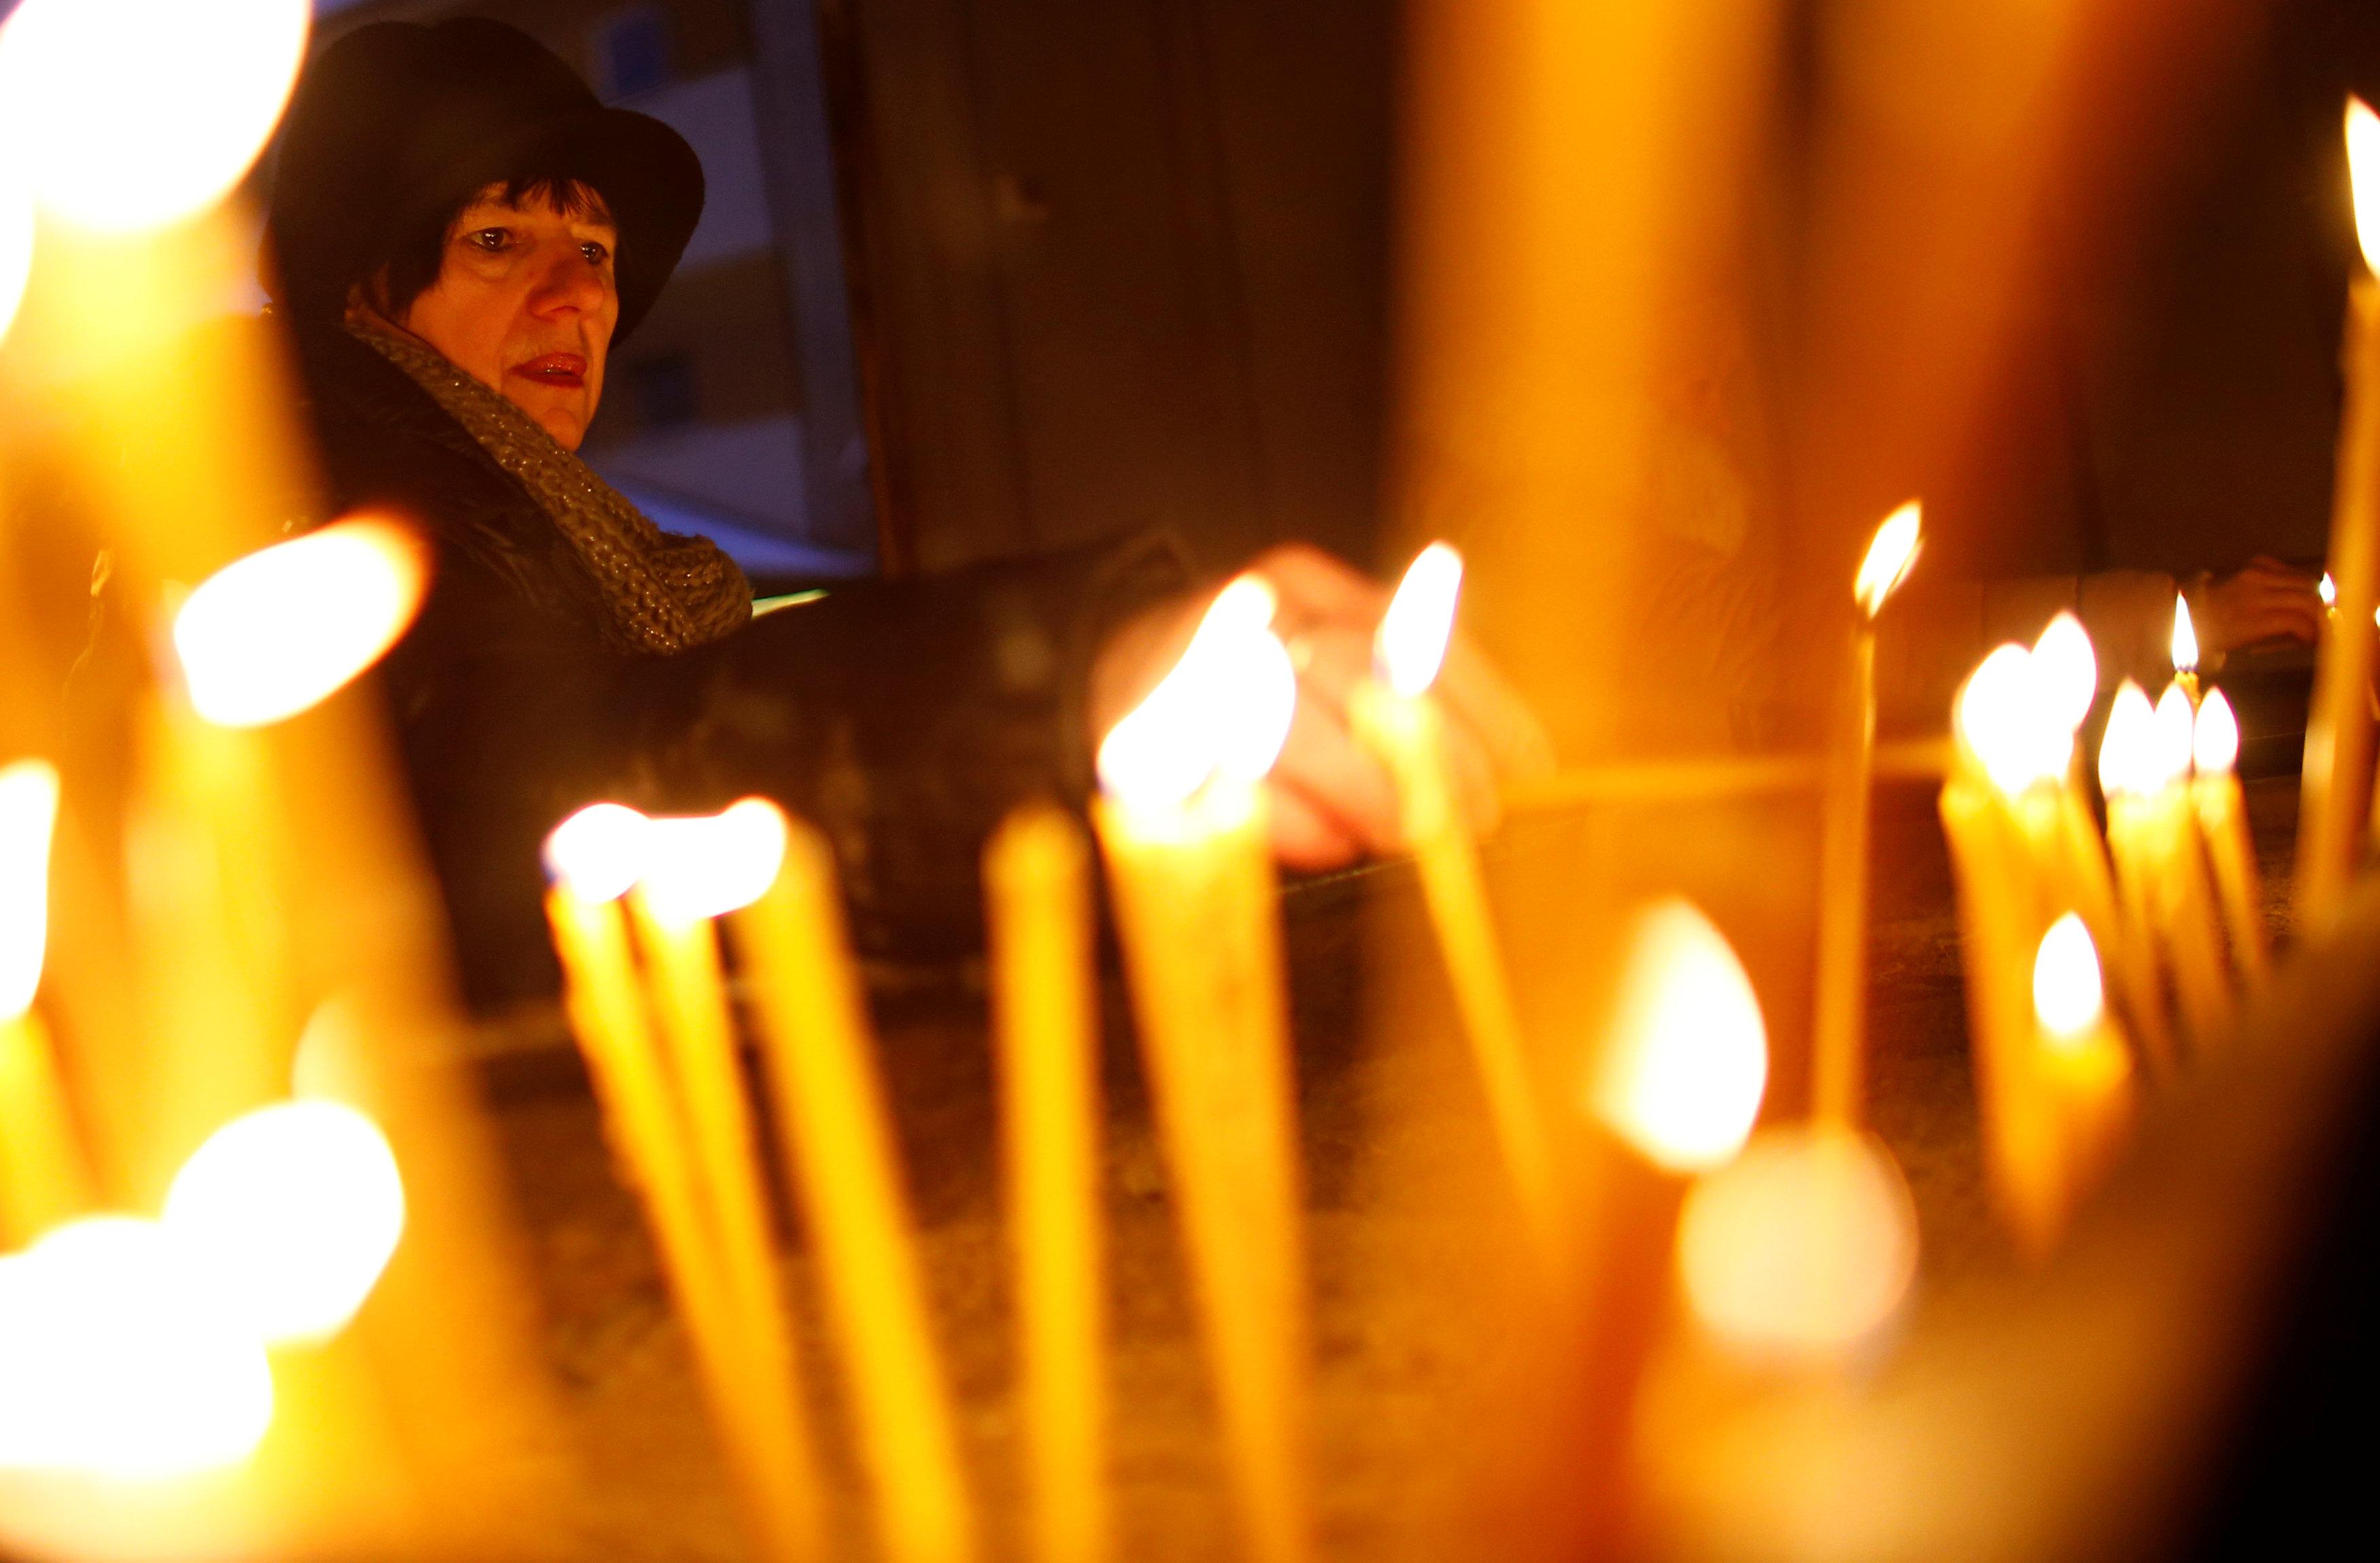 اضاءة الشموع خلال القداس